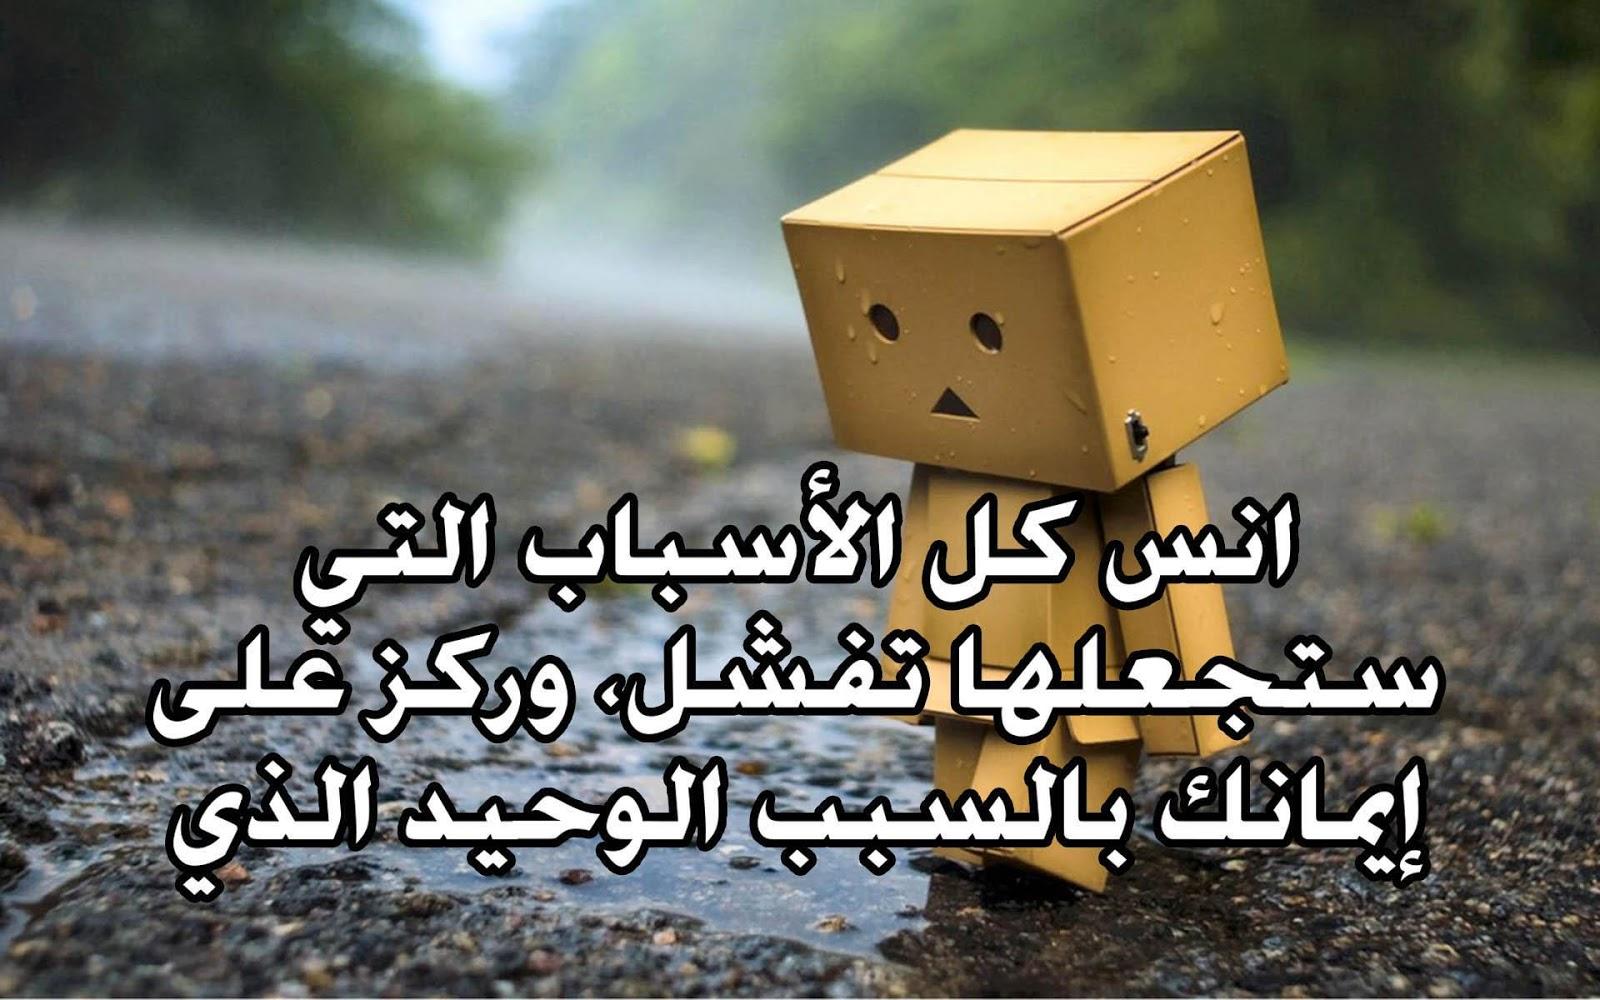 بالصور كلام من ذهب عن الحياة , حكمه واحده لتعيش حياه هادئه 6211 2